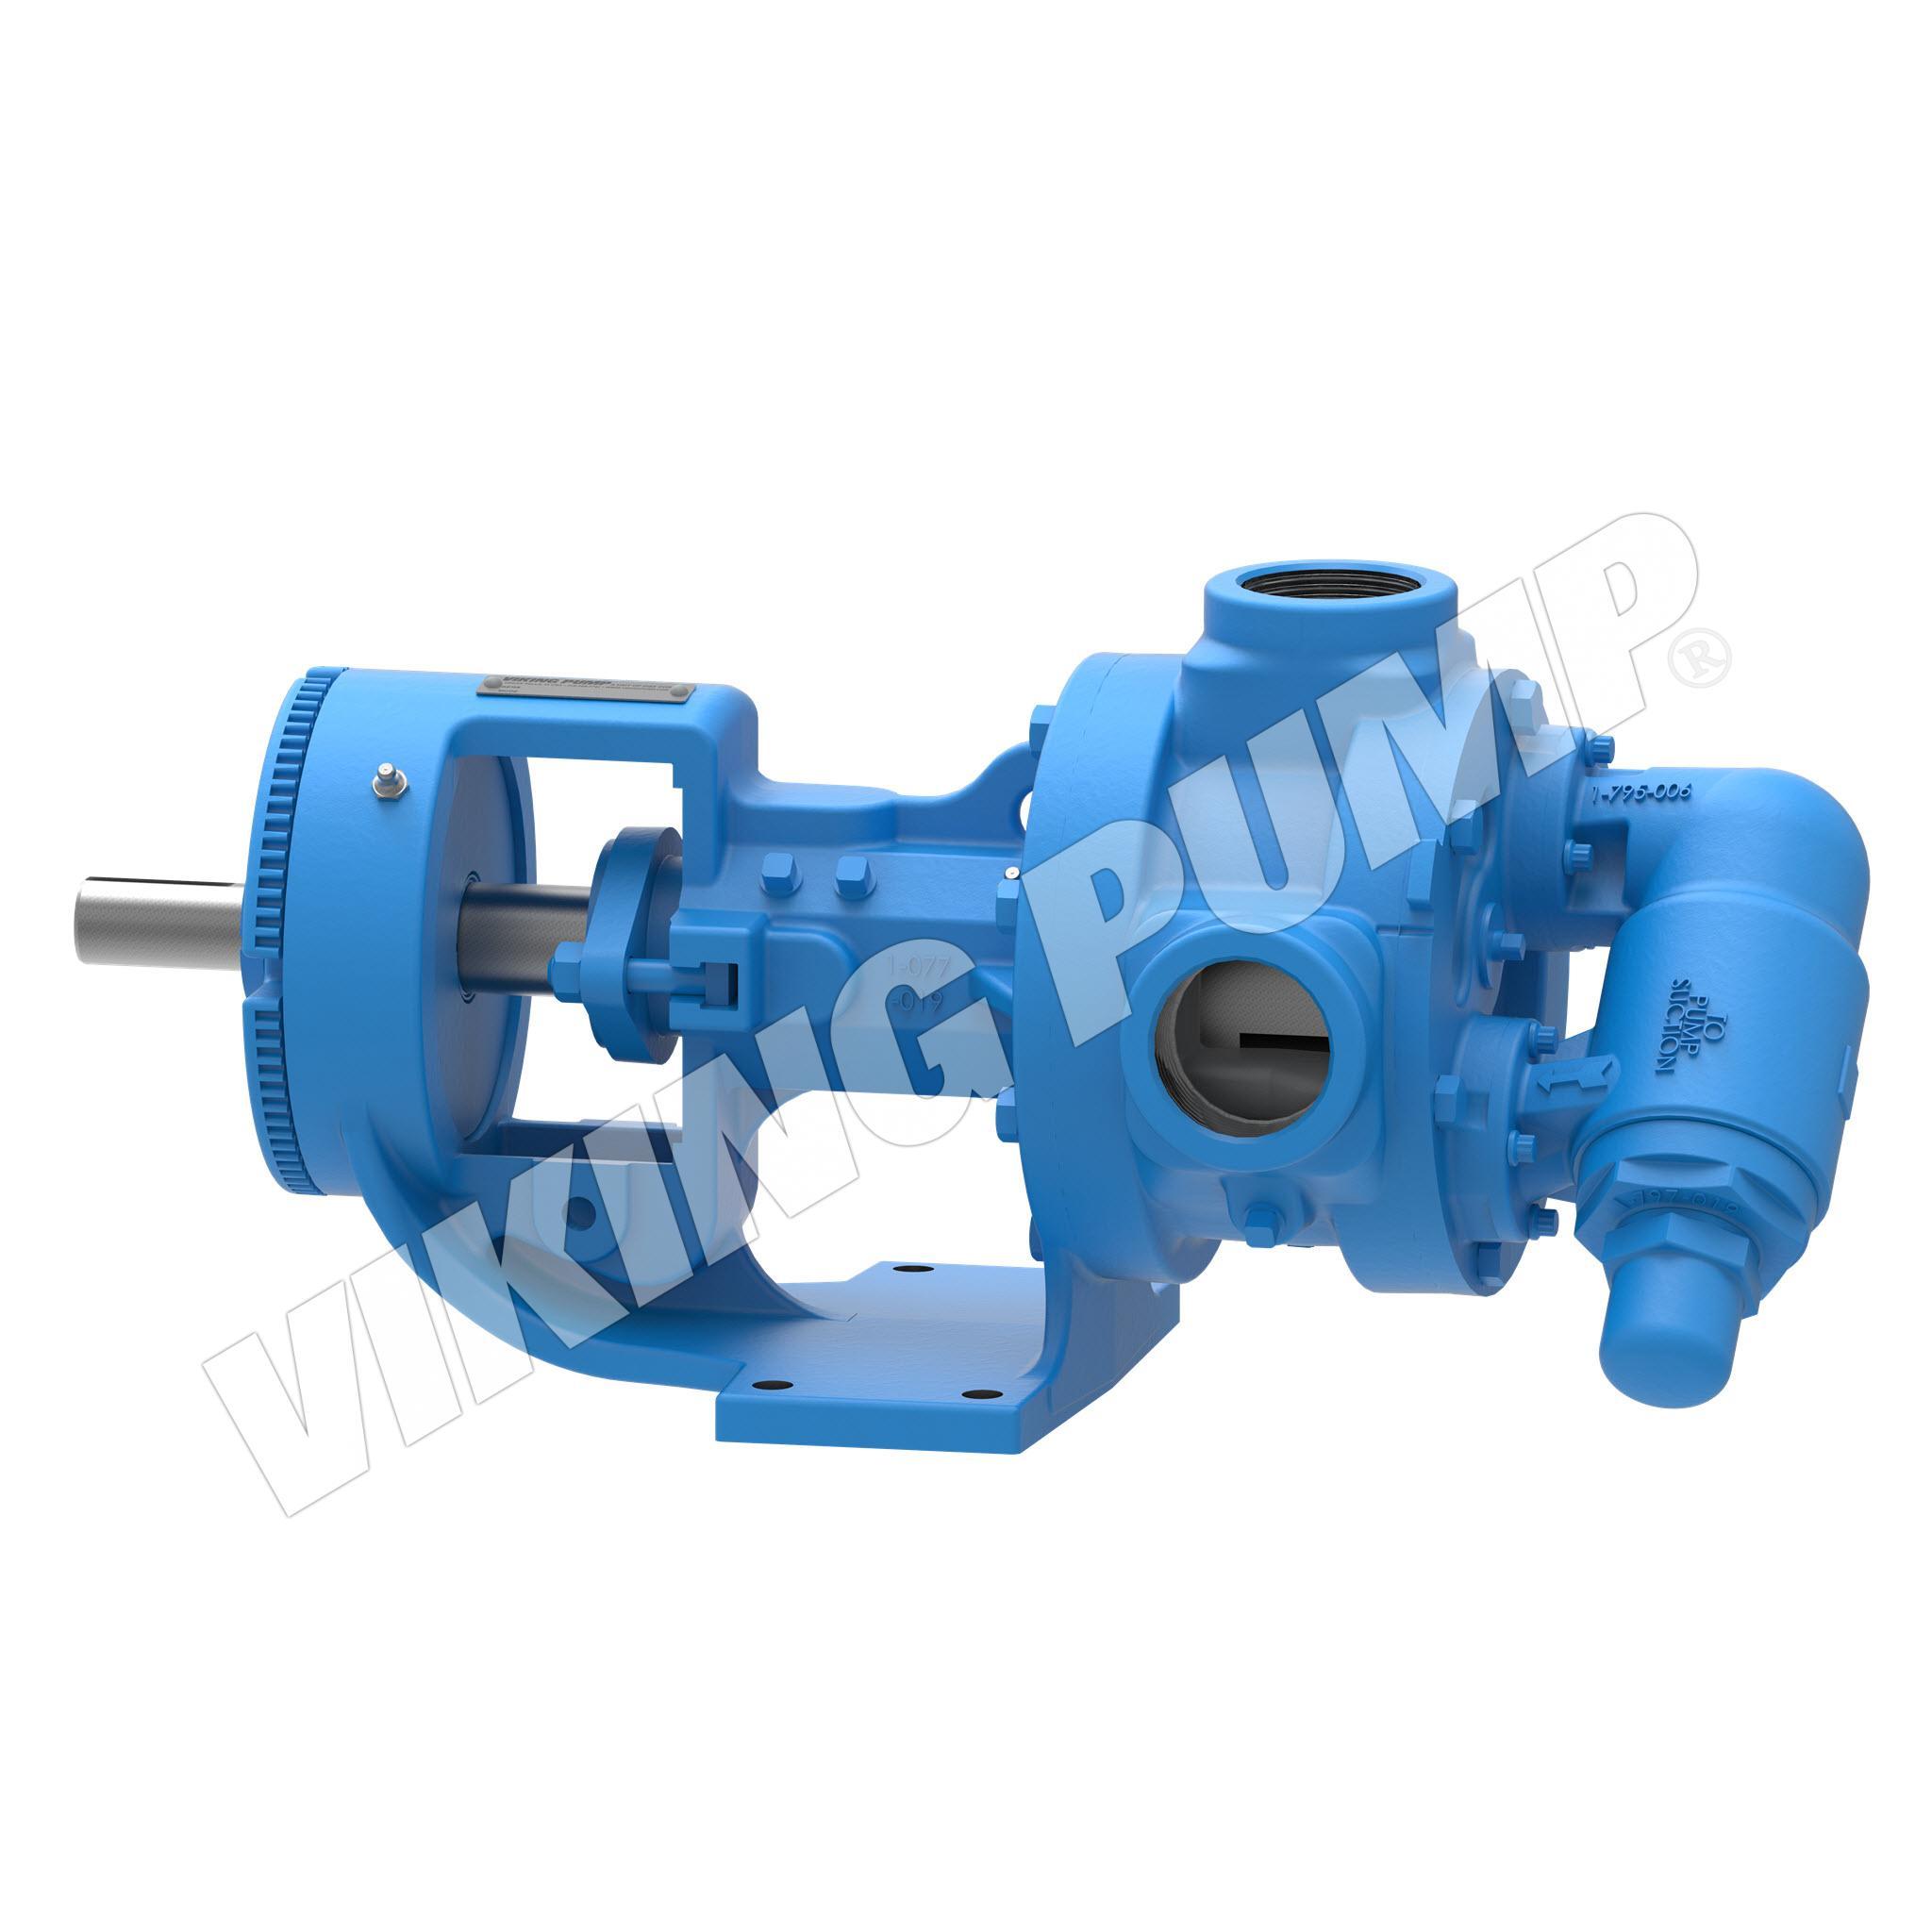 124a series viking rh vikingpump com Heil Heat Pump Wiring Diagram Payne Heat Pump Wiring Diagram